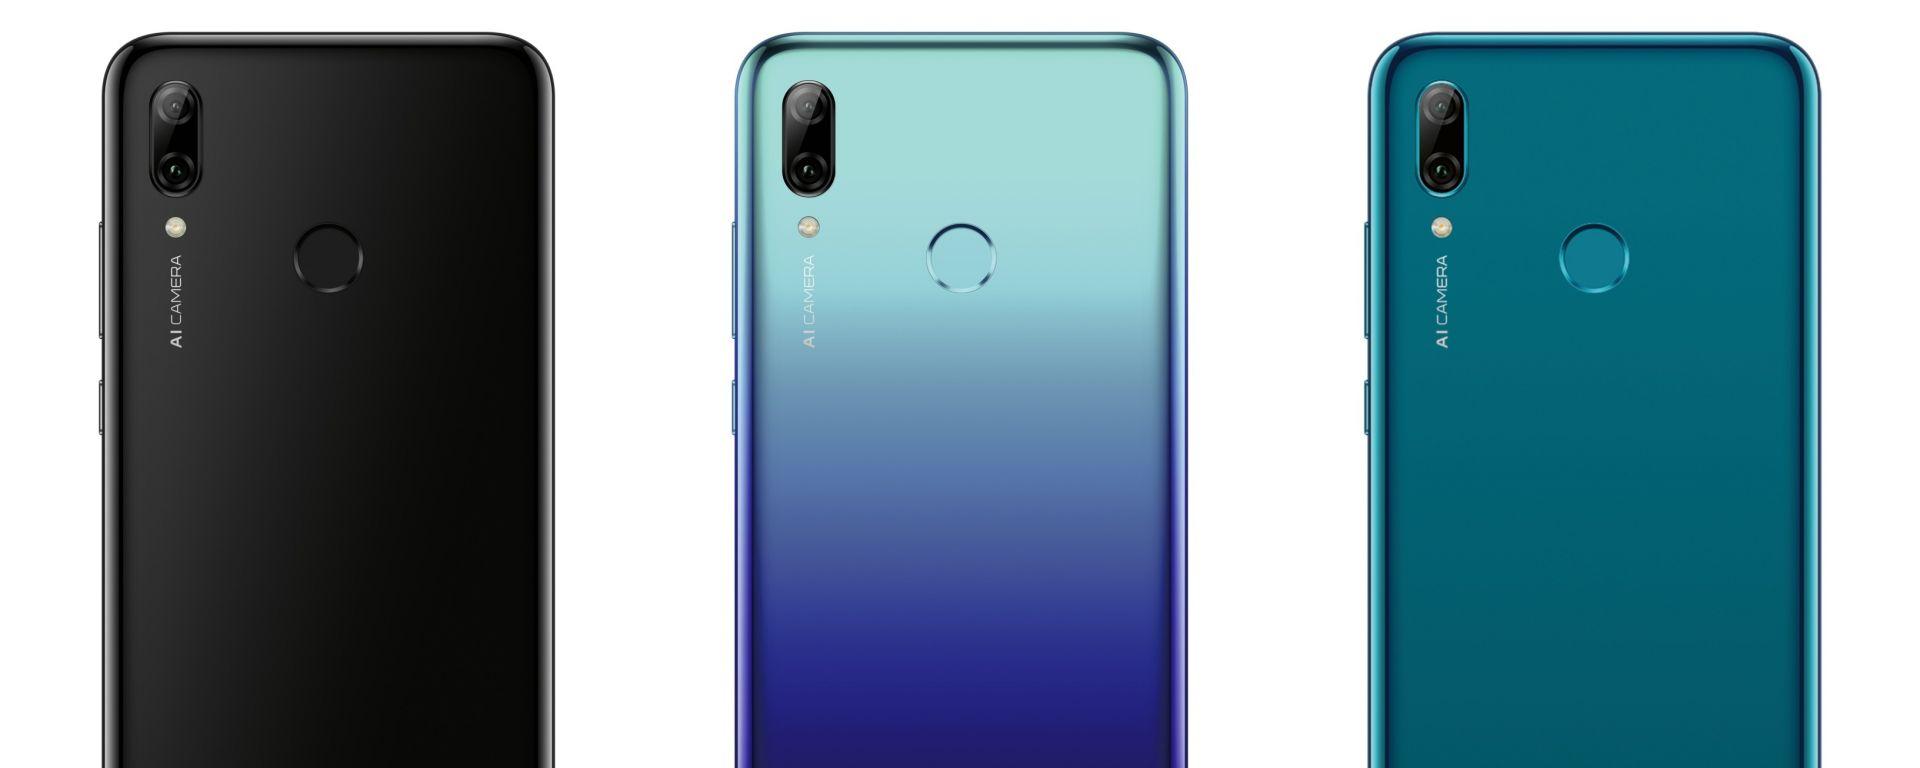 Huawei P Smart 2019: i colori